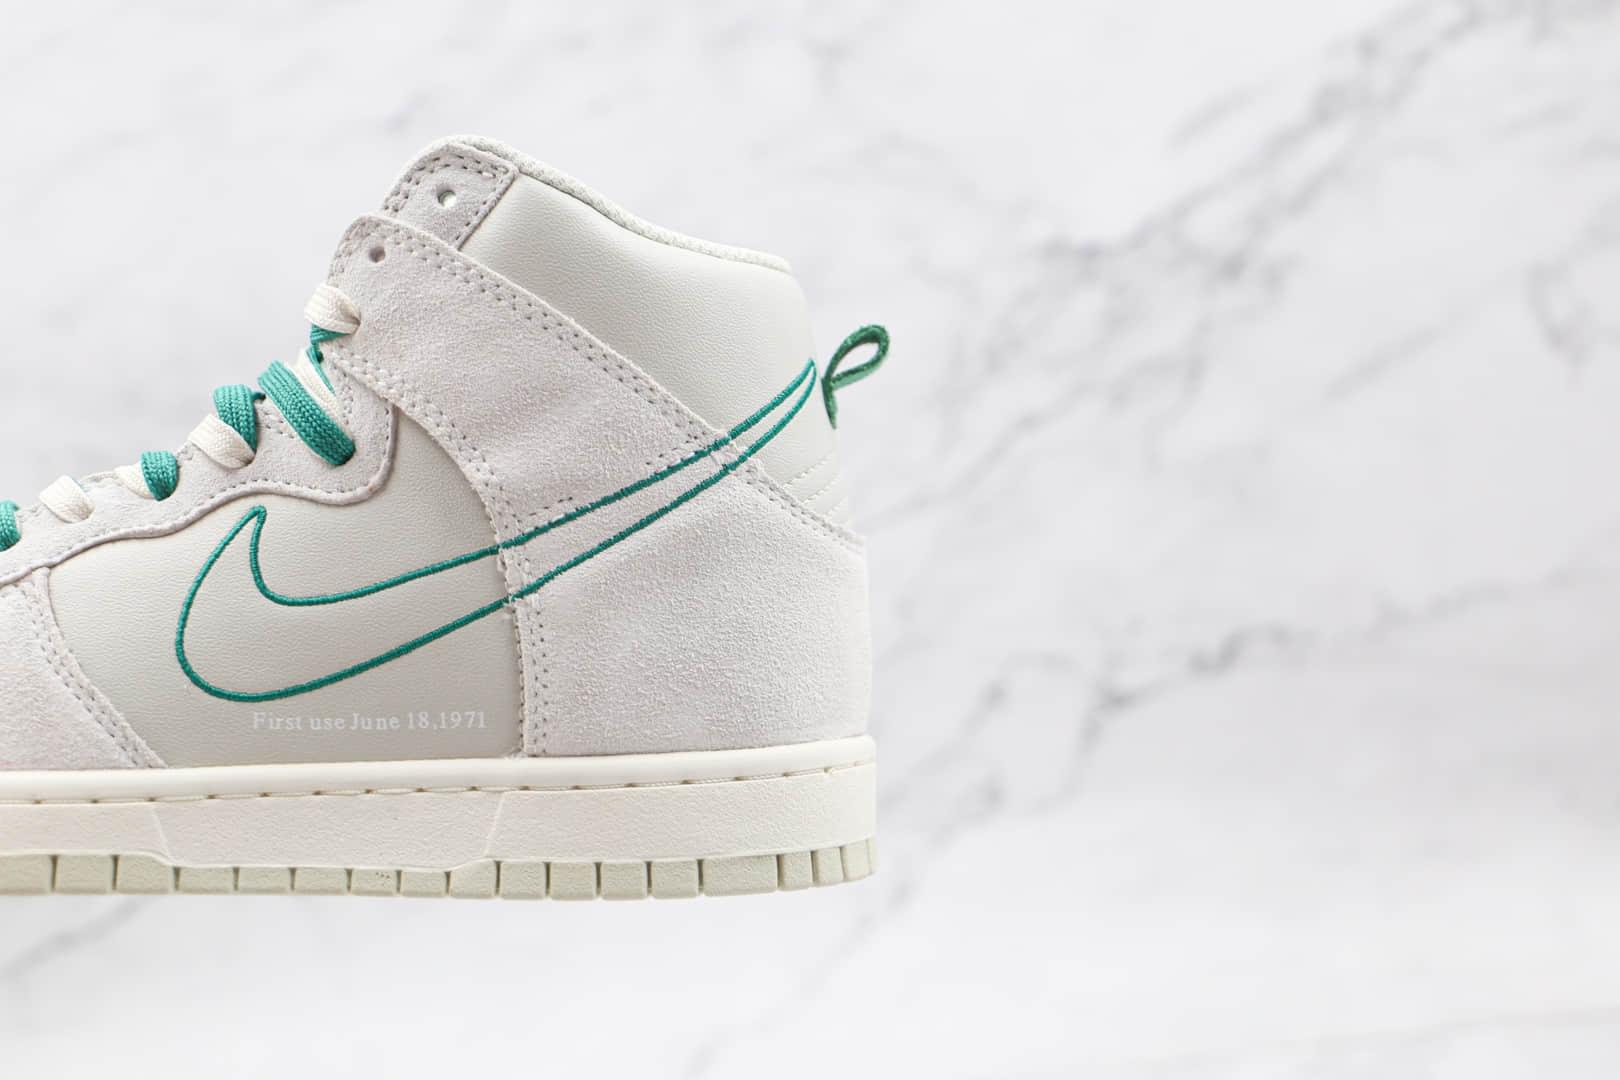 耐克Nike Dunk High SE纯原版本高帮DUNK白绿色板鞋内置气垫 货号:DH0960-001